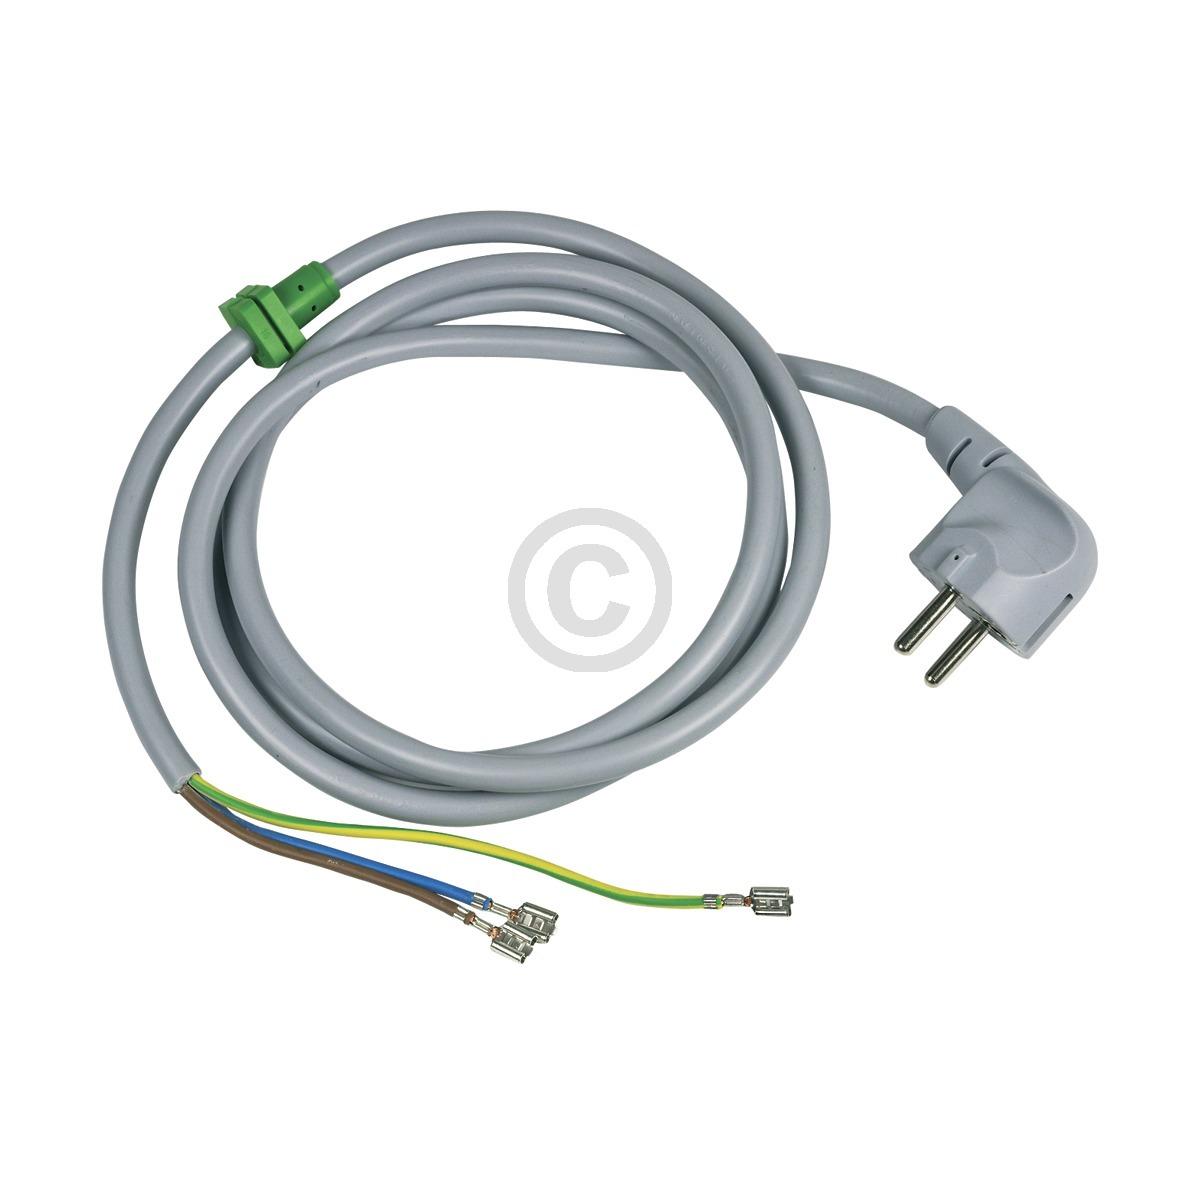 Kabel Anschlusskabel Bosch 00497724 1,75m für Trockner Bosch, Siemens, Neff